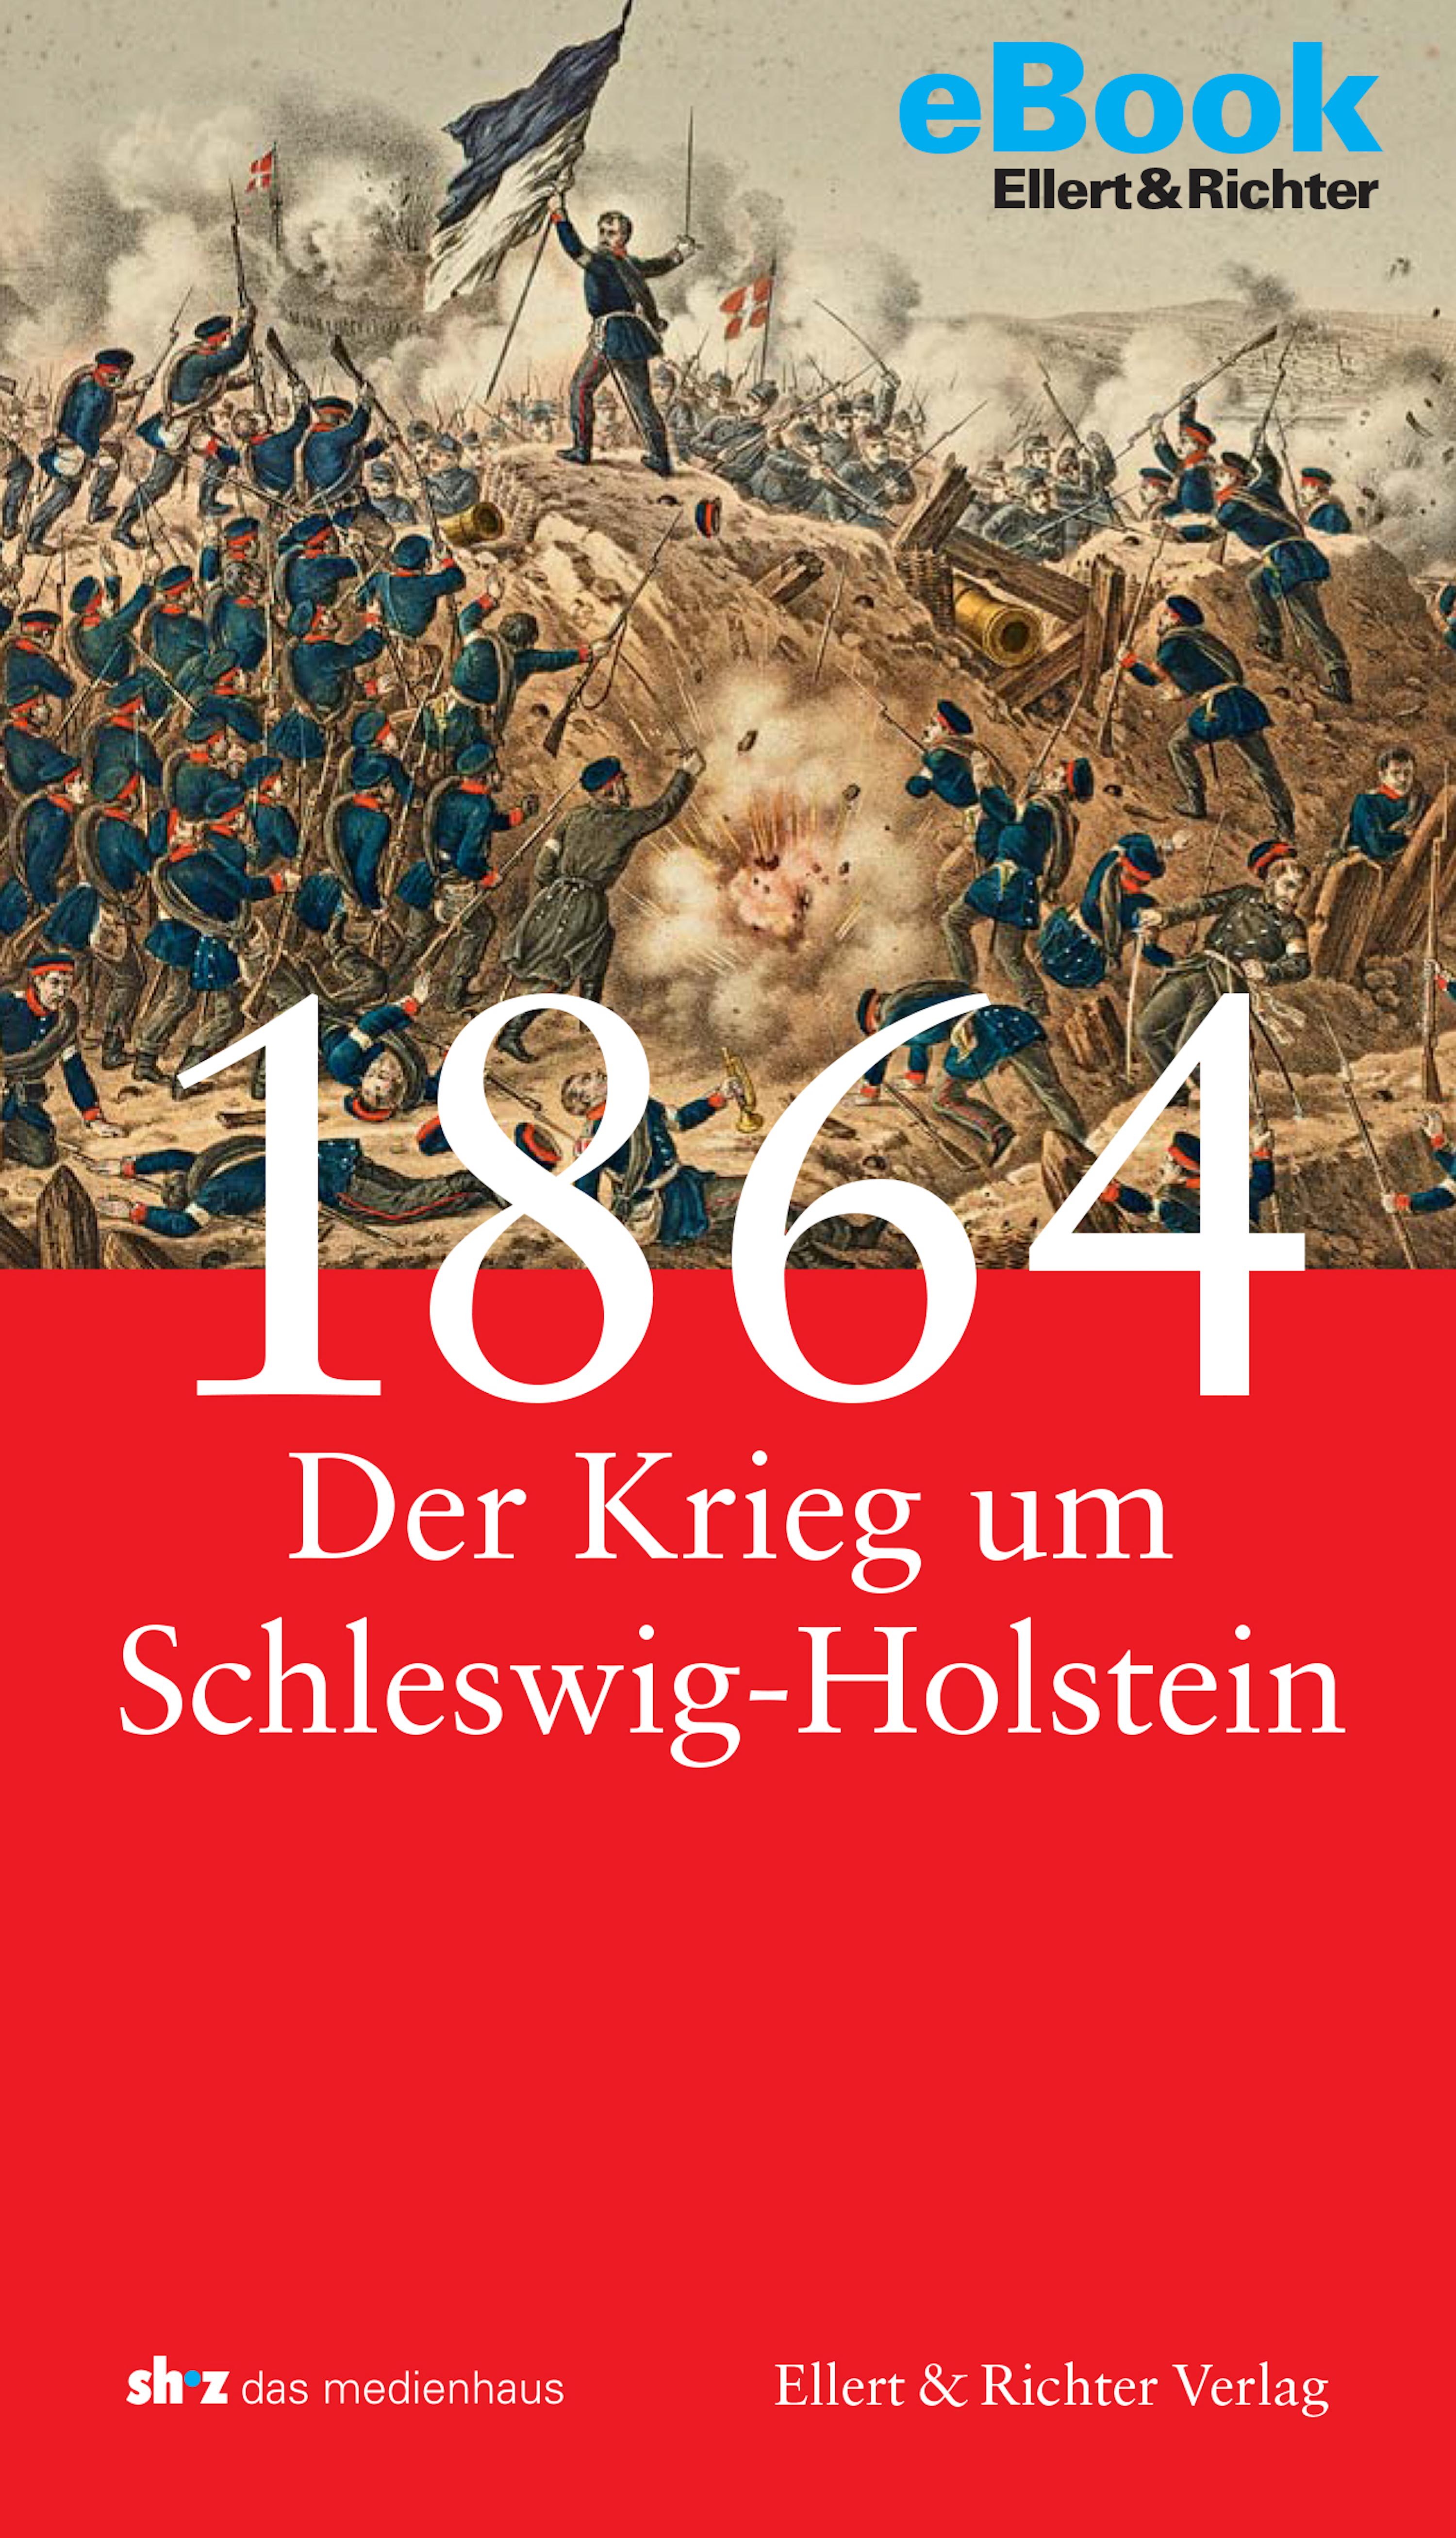 Frank Jung 1864 - Der Krieg um Schleswig-Holstein